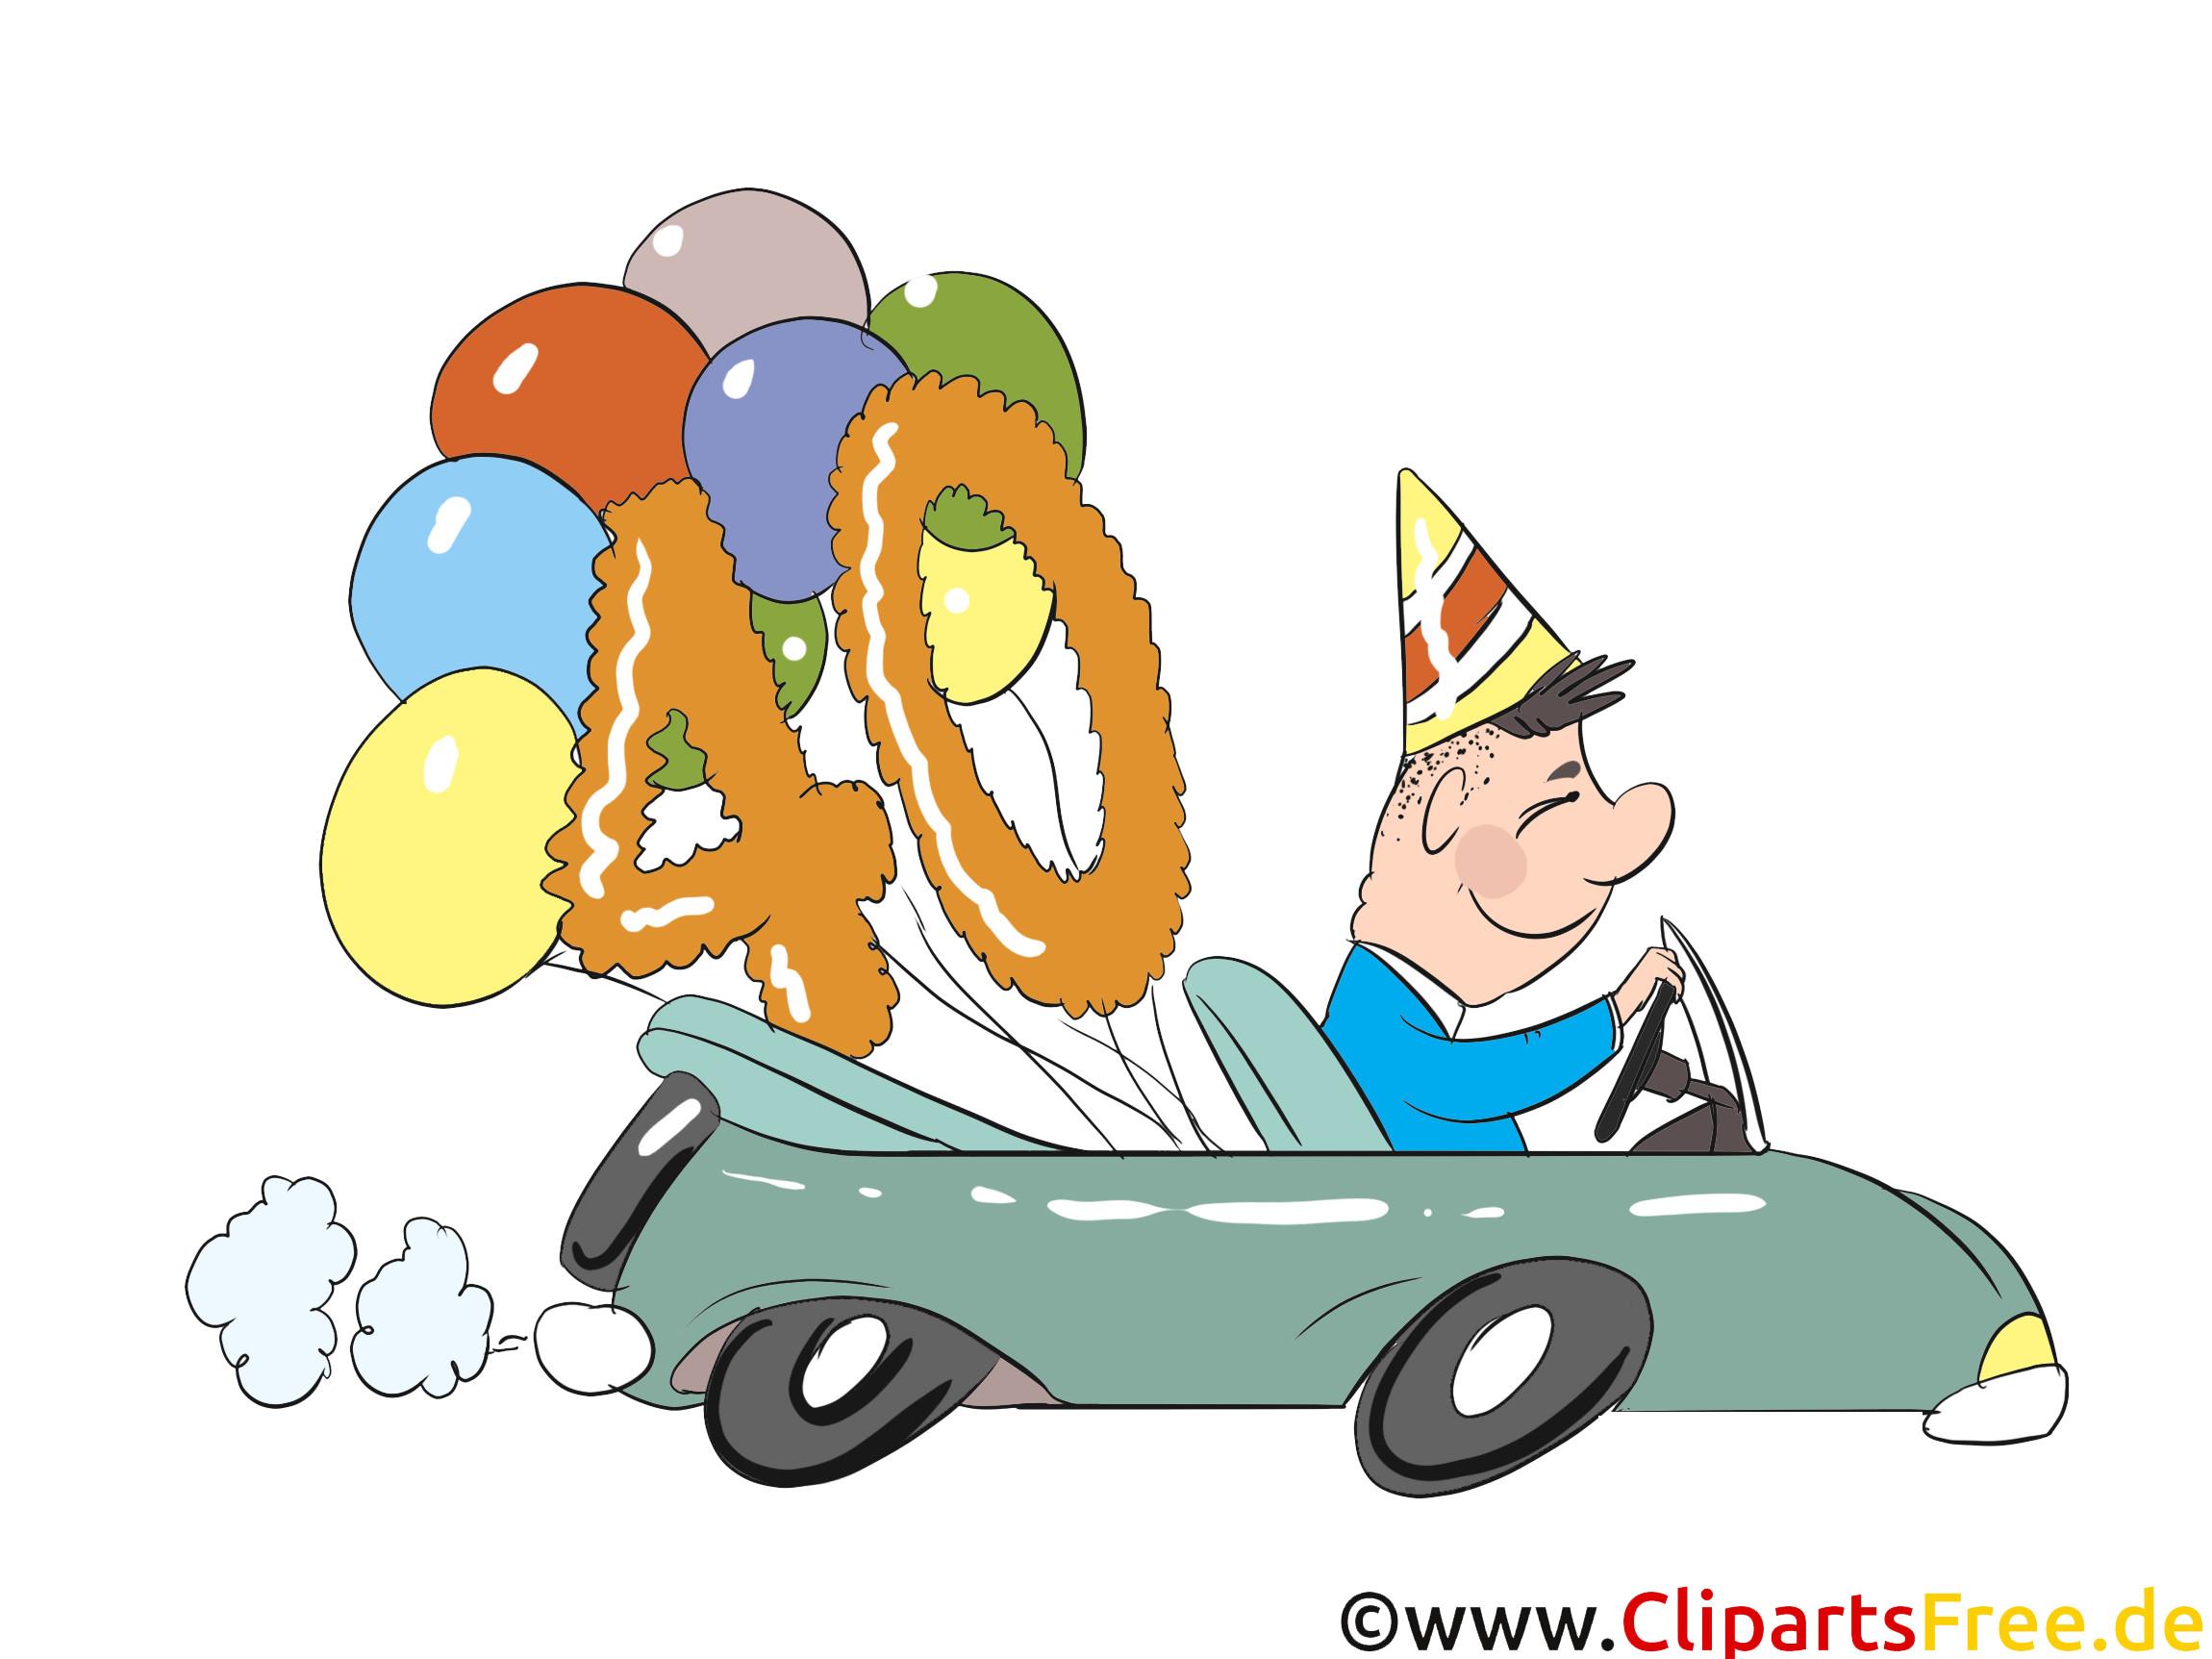 Geburtstagswünsche Lustig  Geburtstagswünsche lustig zum 40 Geburtstag Karte